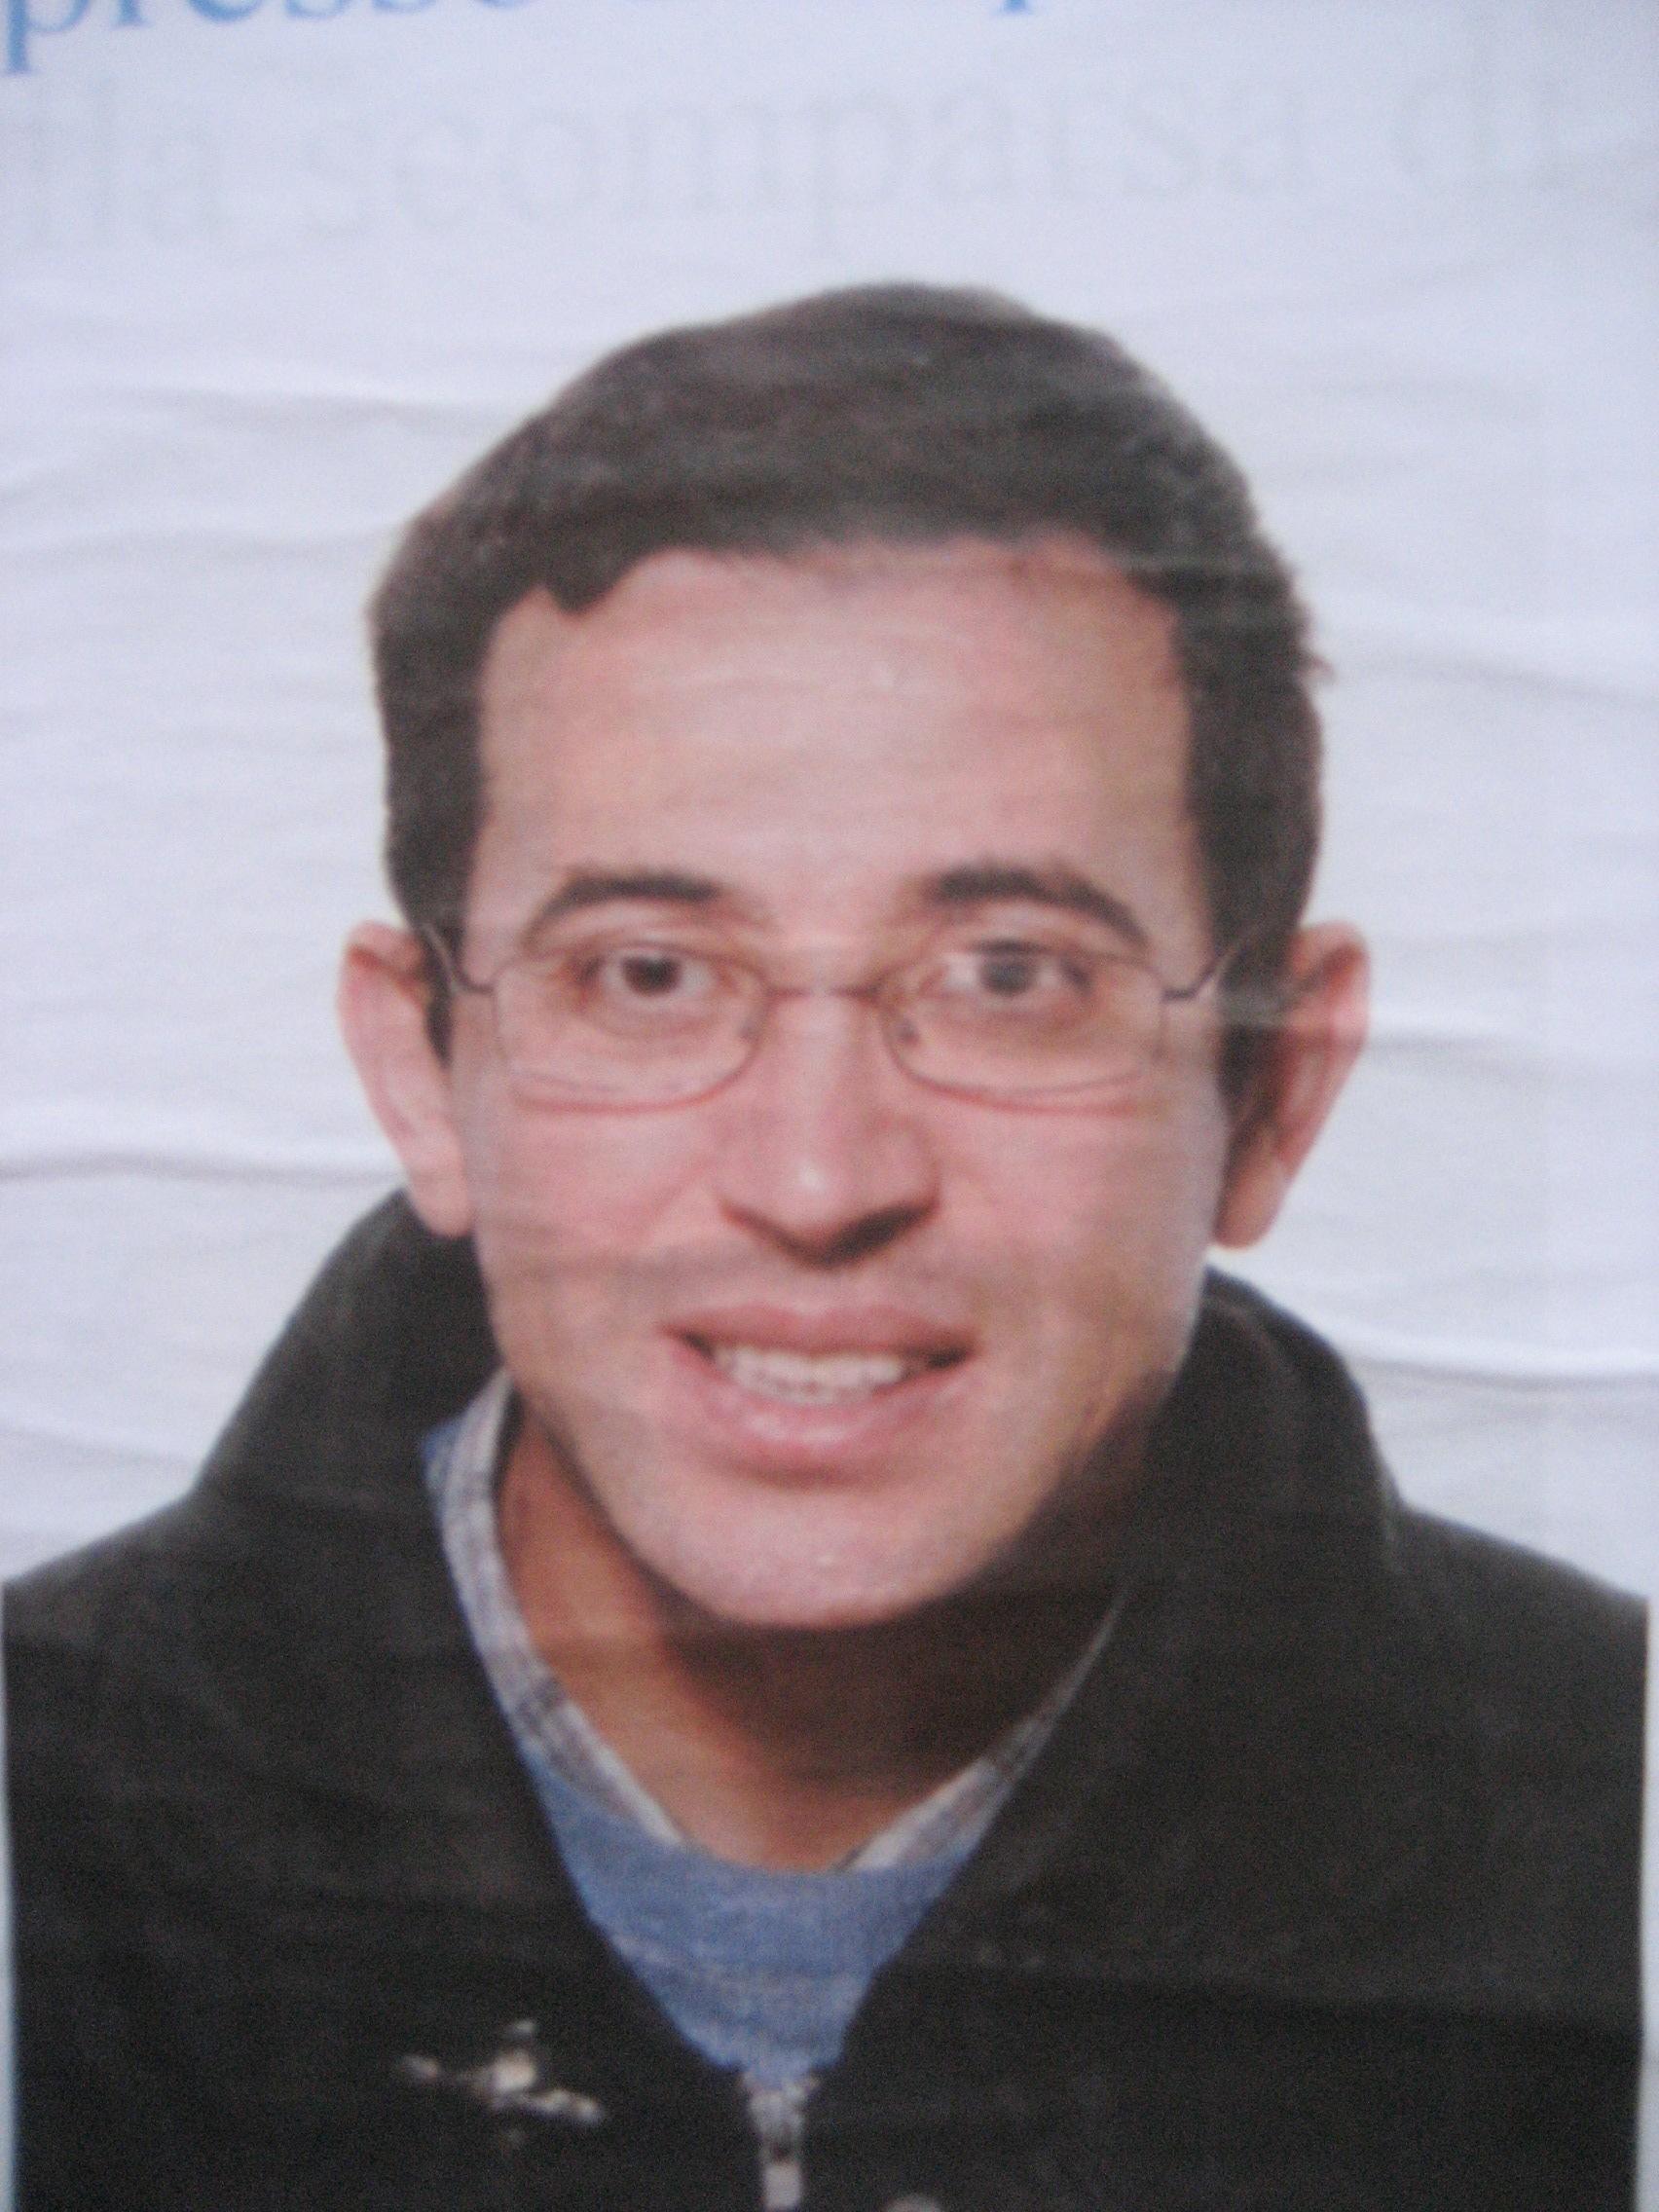 Colleranesco (TE). E' scomparso a soli 36 anni, martedì i funerali di Claudio Giorgini